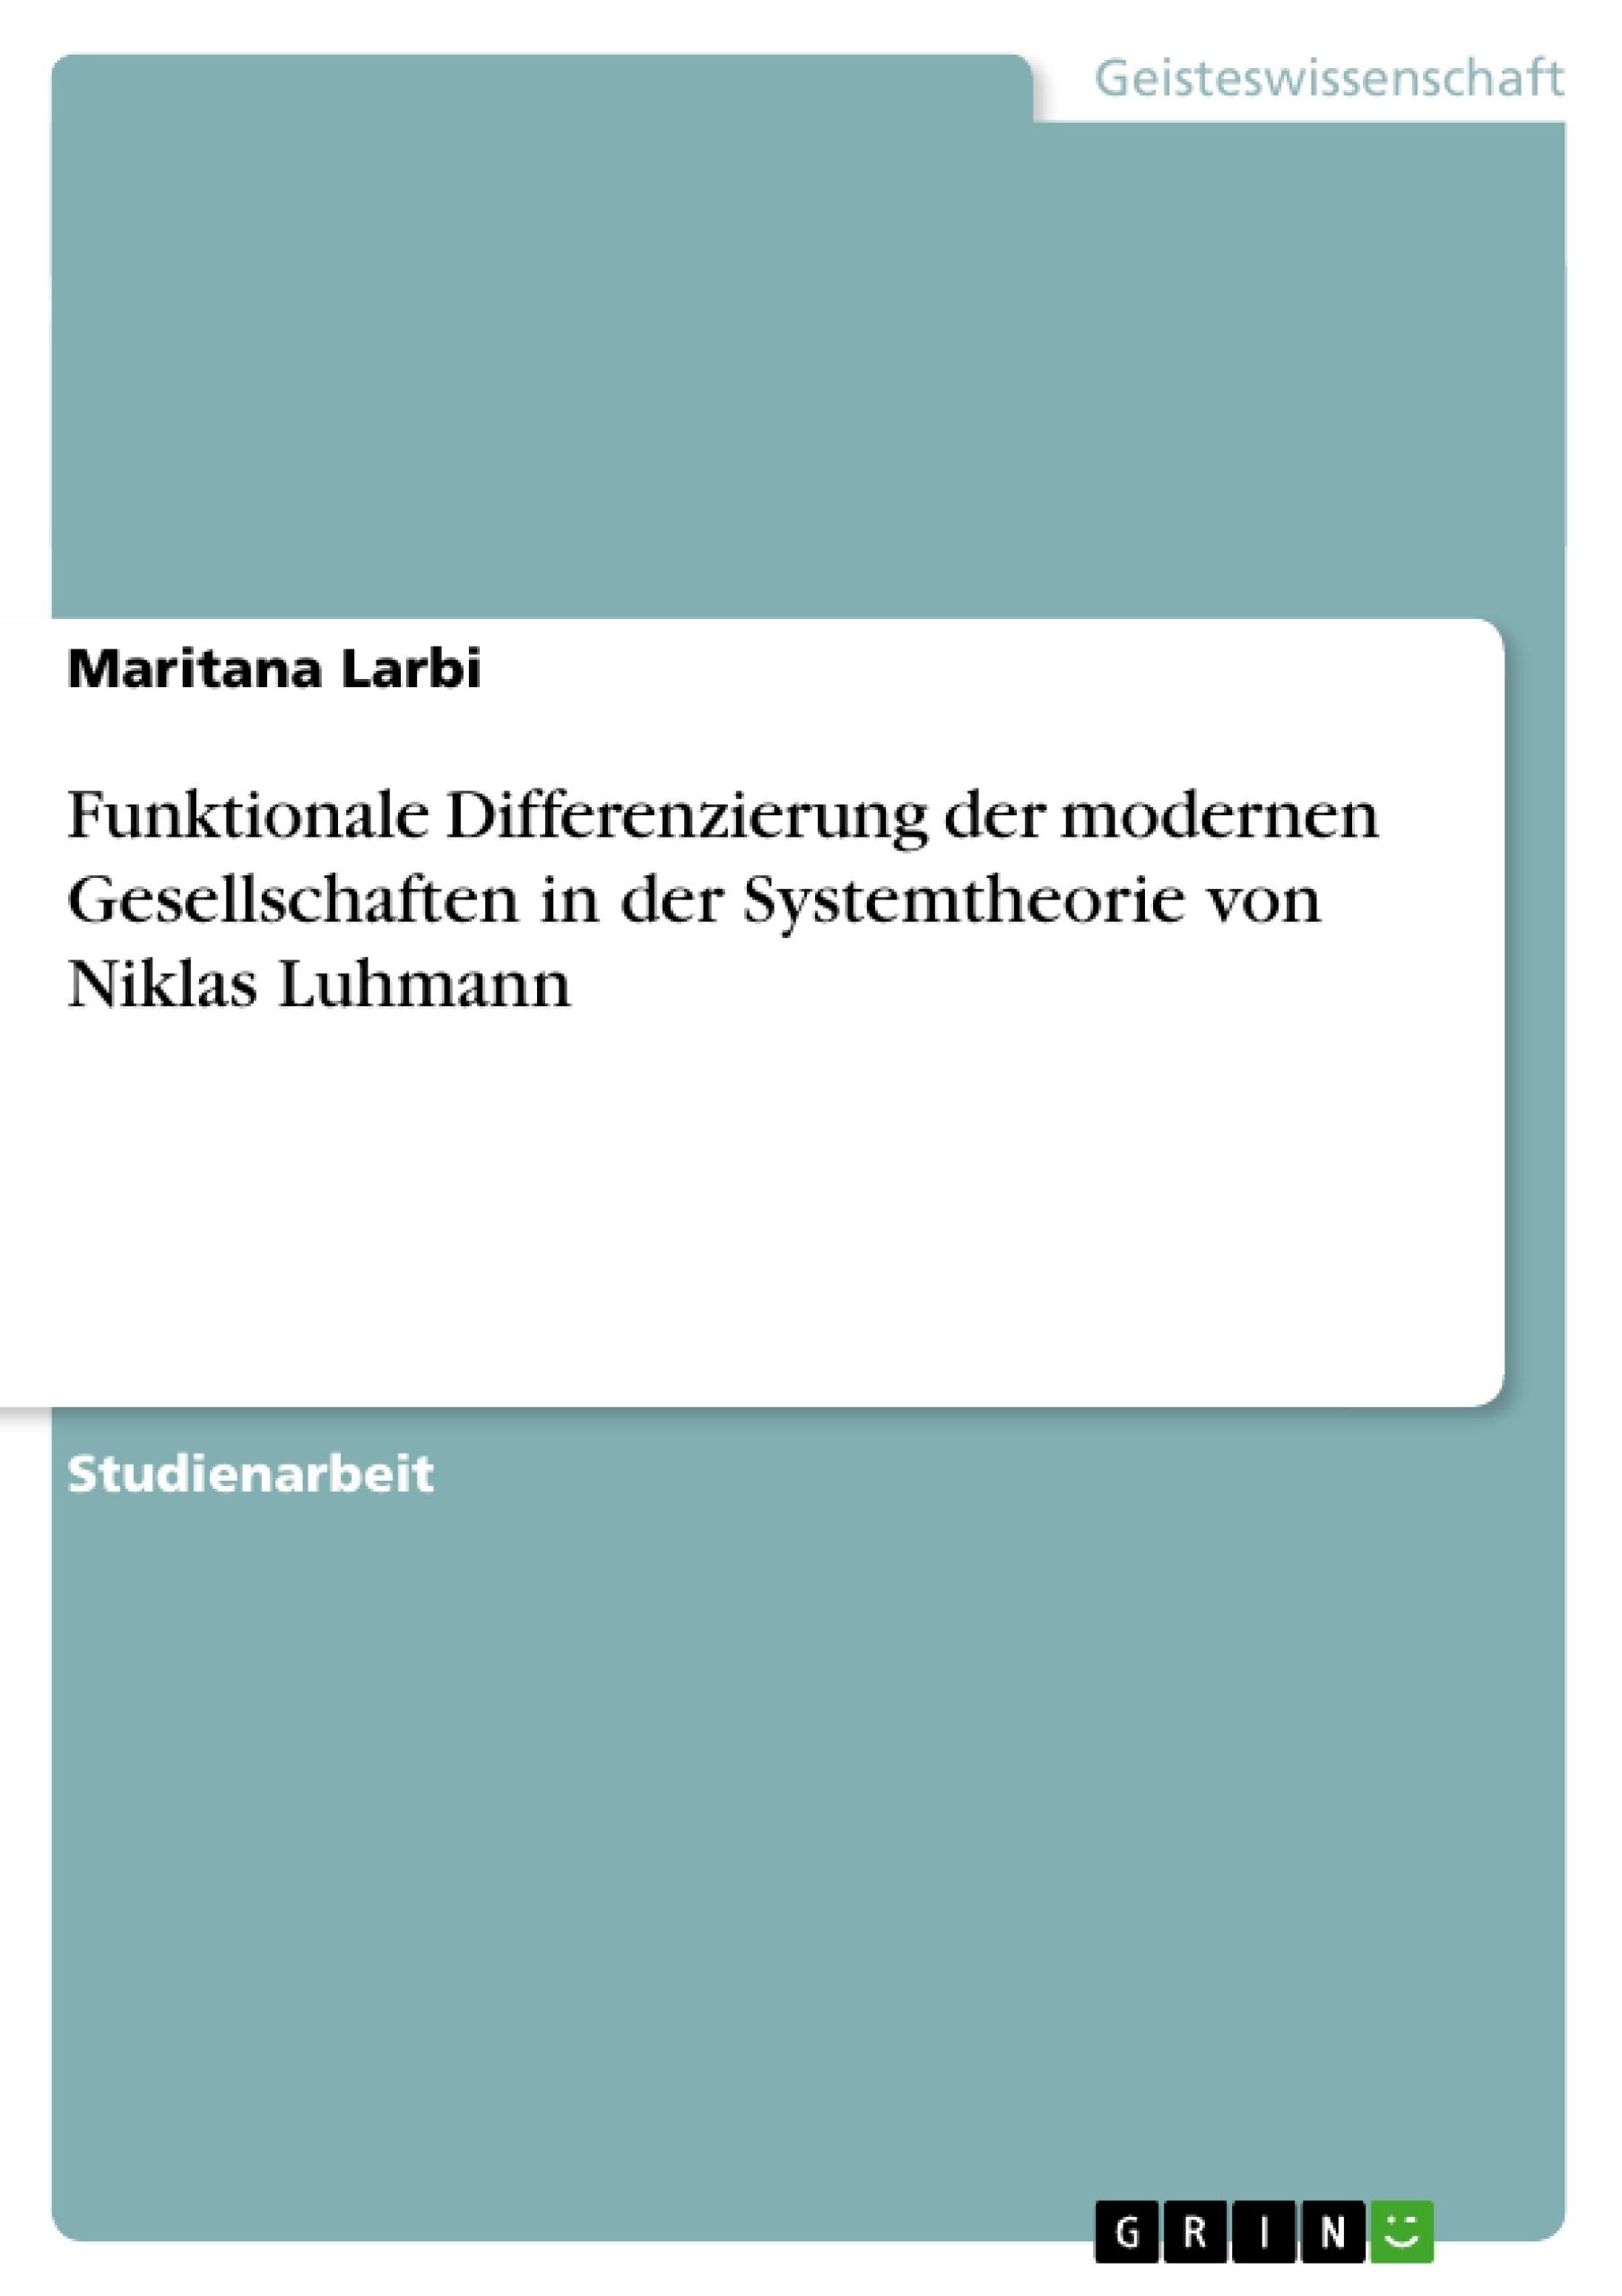 Titel: Funktionale Differenzierung der modernen Gesellschaften in der Systemtheorie von Niklas Luhmann